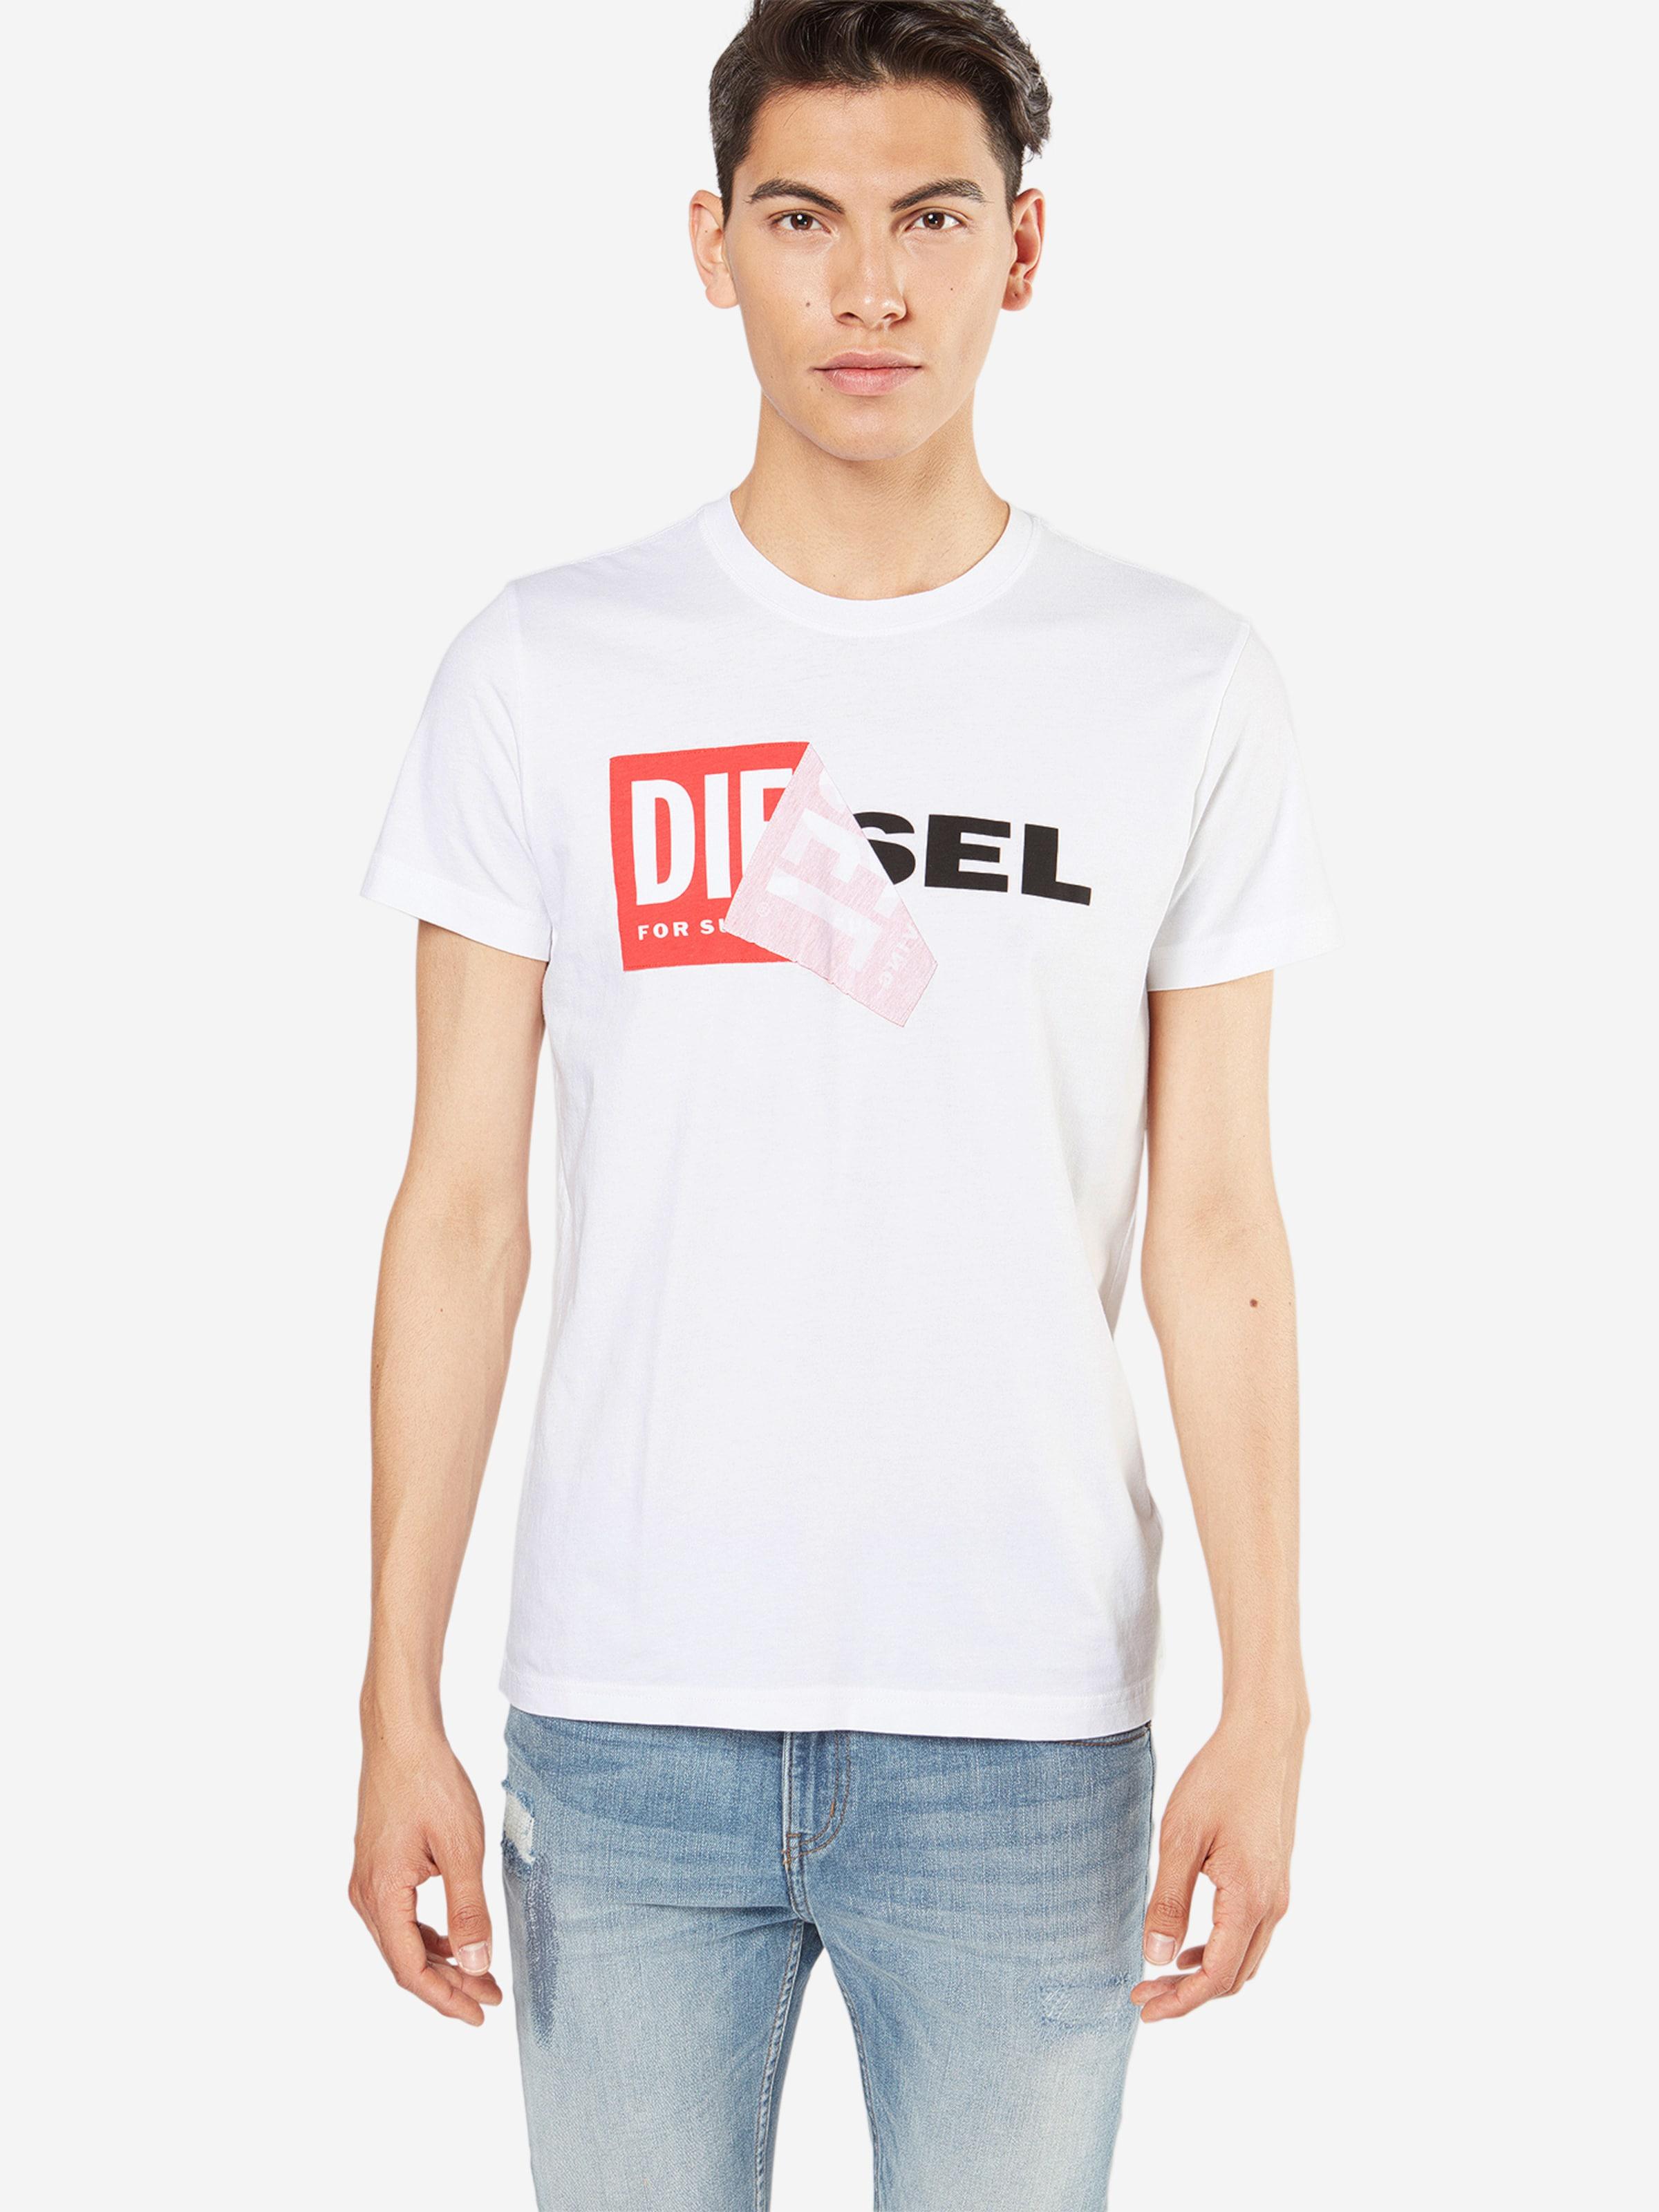 Auslass Fälschen Schnelle Lieferung Günstiger Preis DIESEL T-Shirt 'T-DIEGO-QA' mit Marken-Applikation Günstiger Preis Zu Verkaufen xadYA